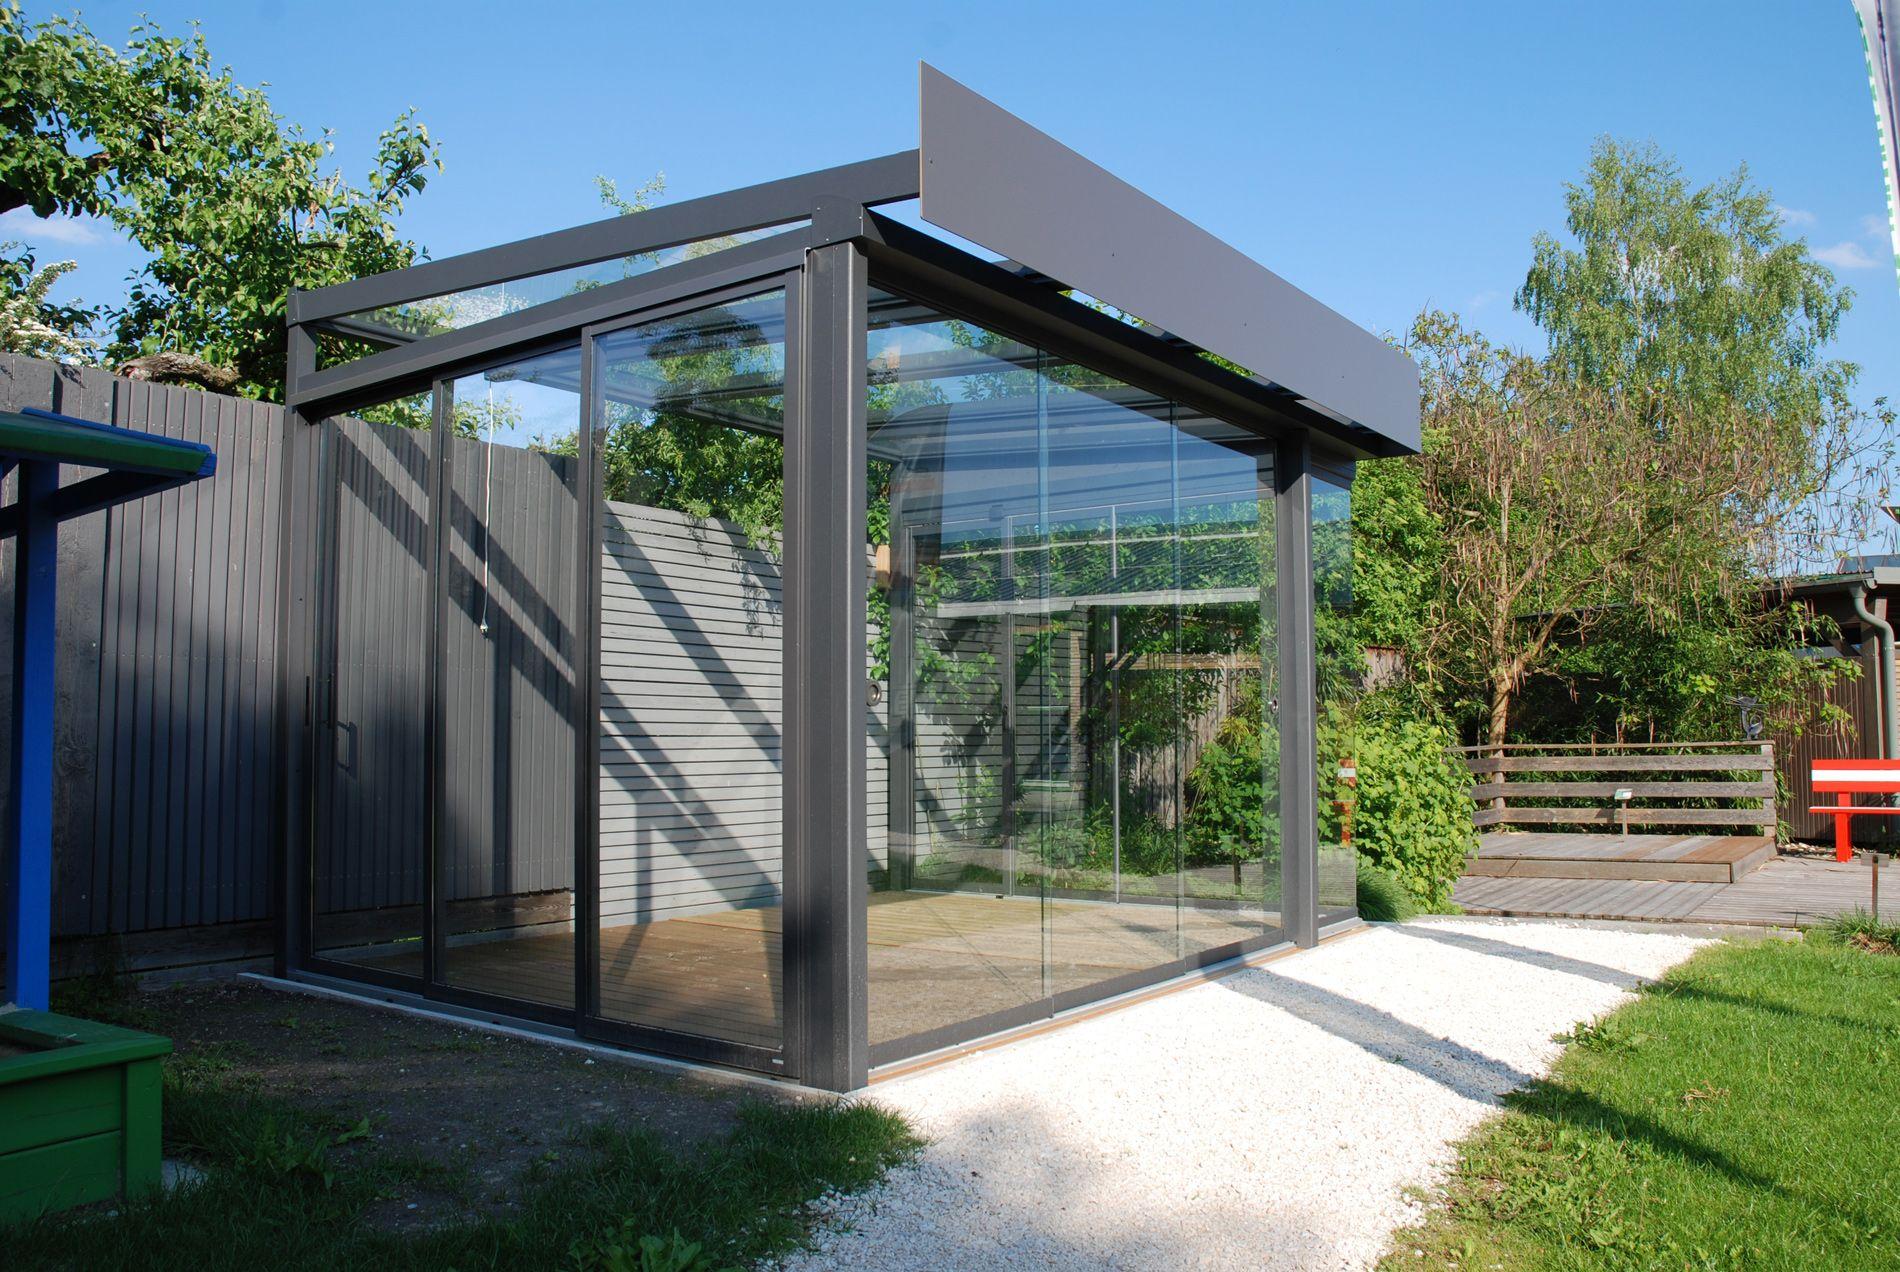 Schiebesystem Fur Wintergartenverglasung In 2020 Sommergarten